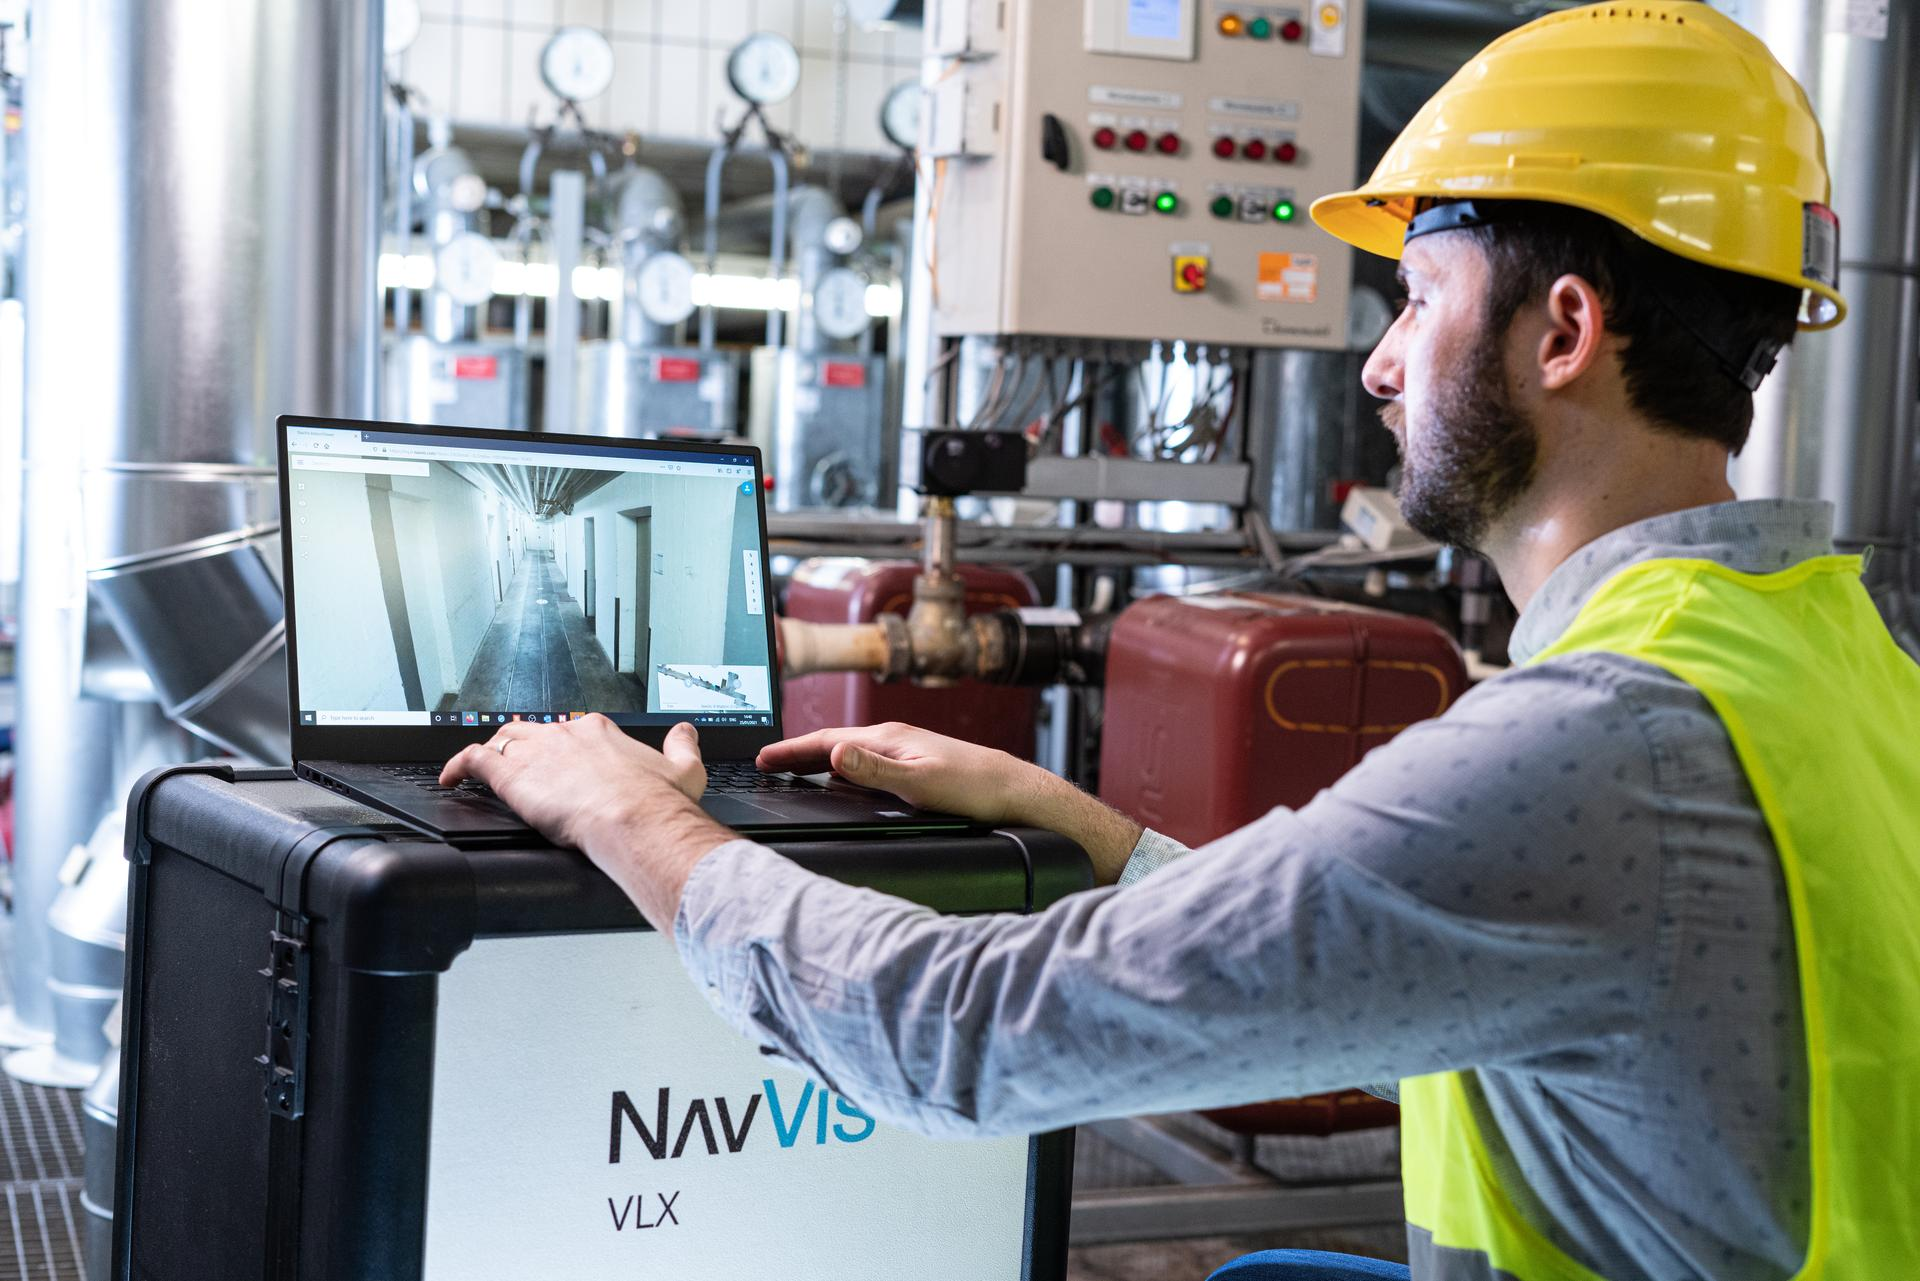 NavVis-IndoorViewer-HQ-Jan21-9661